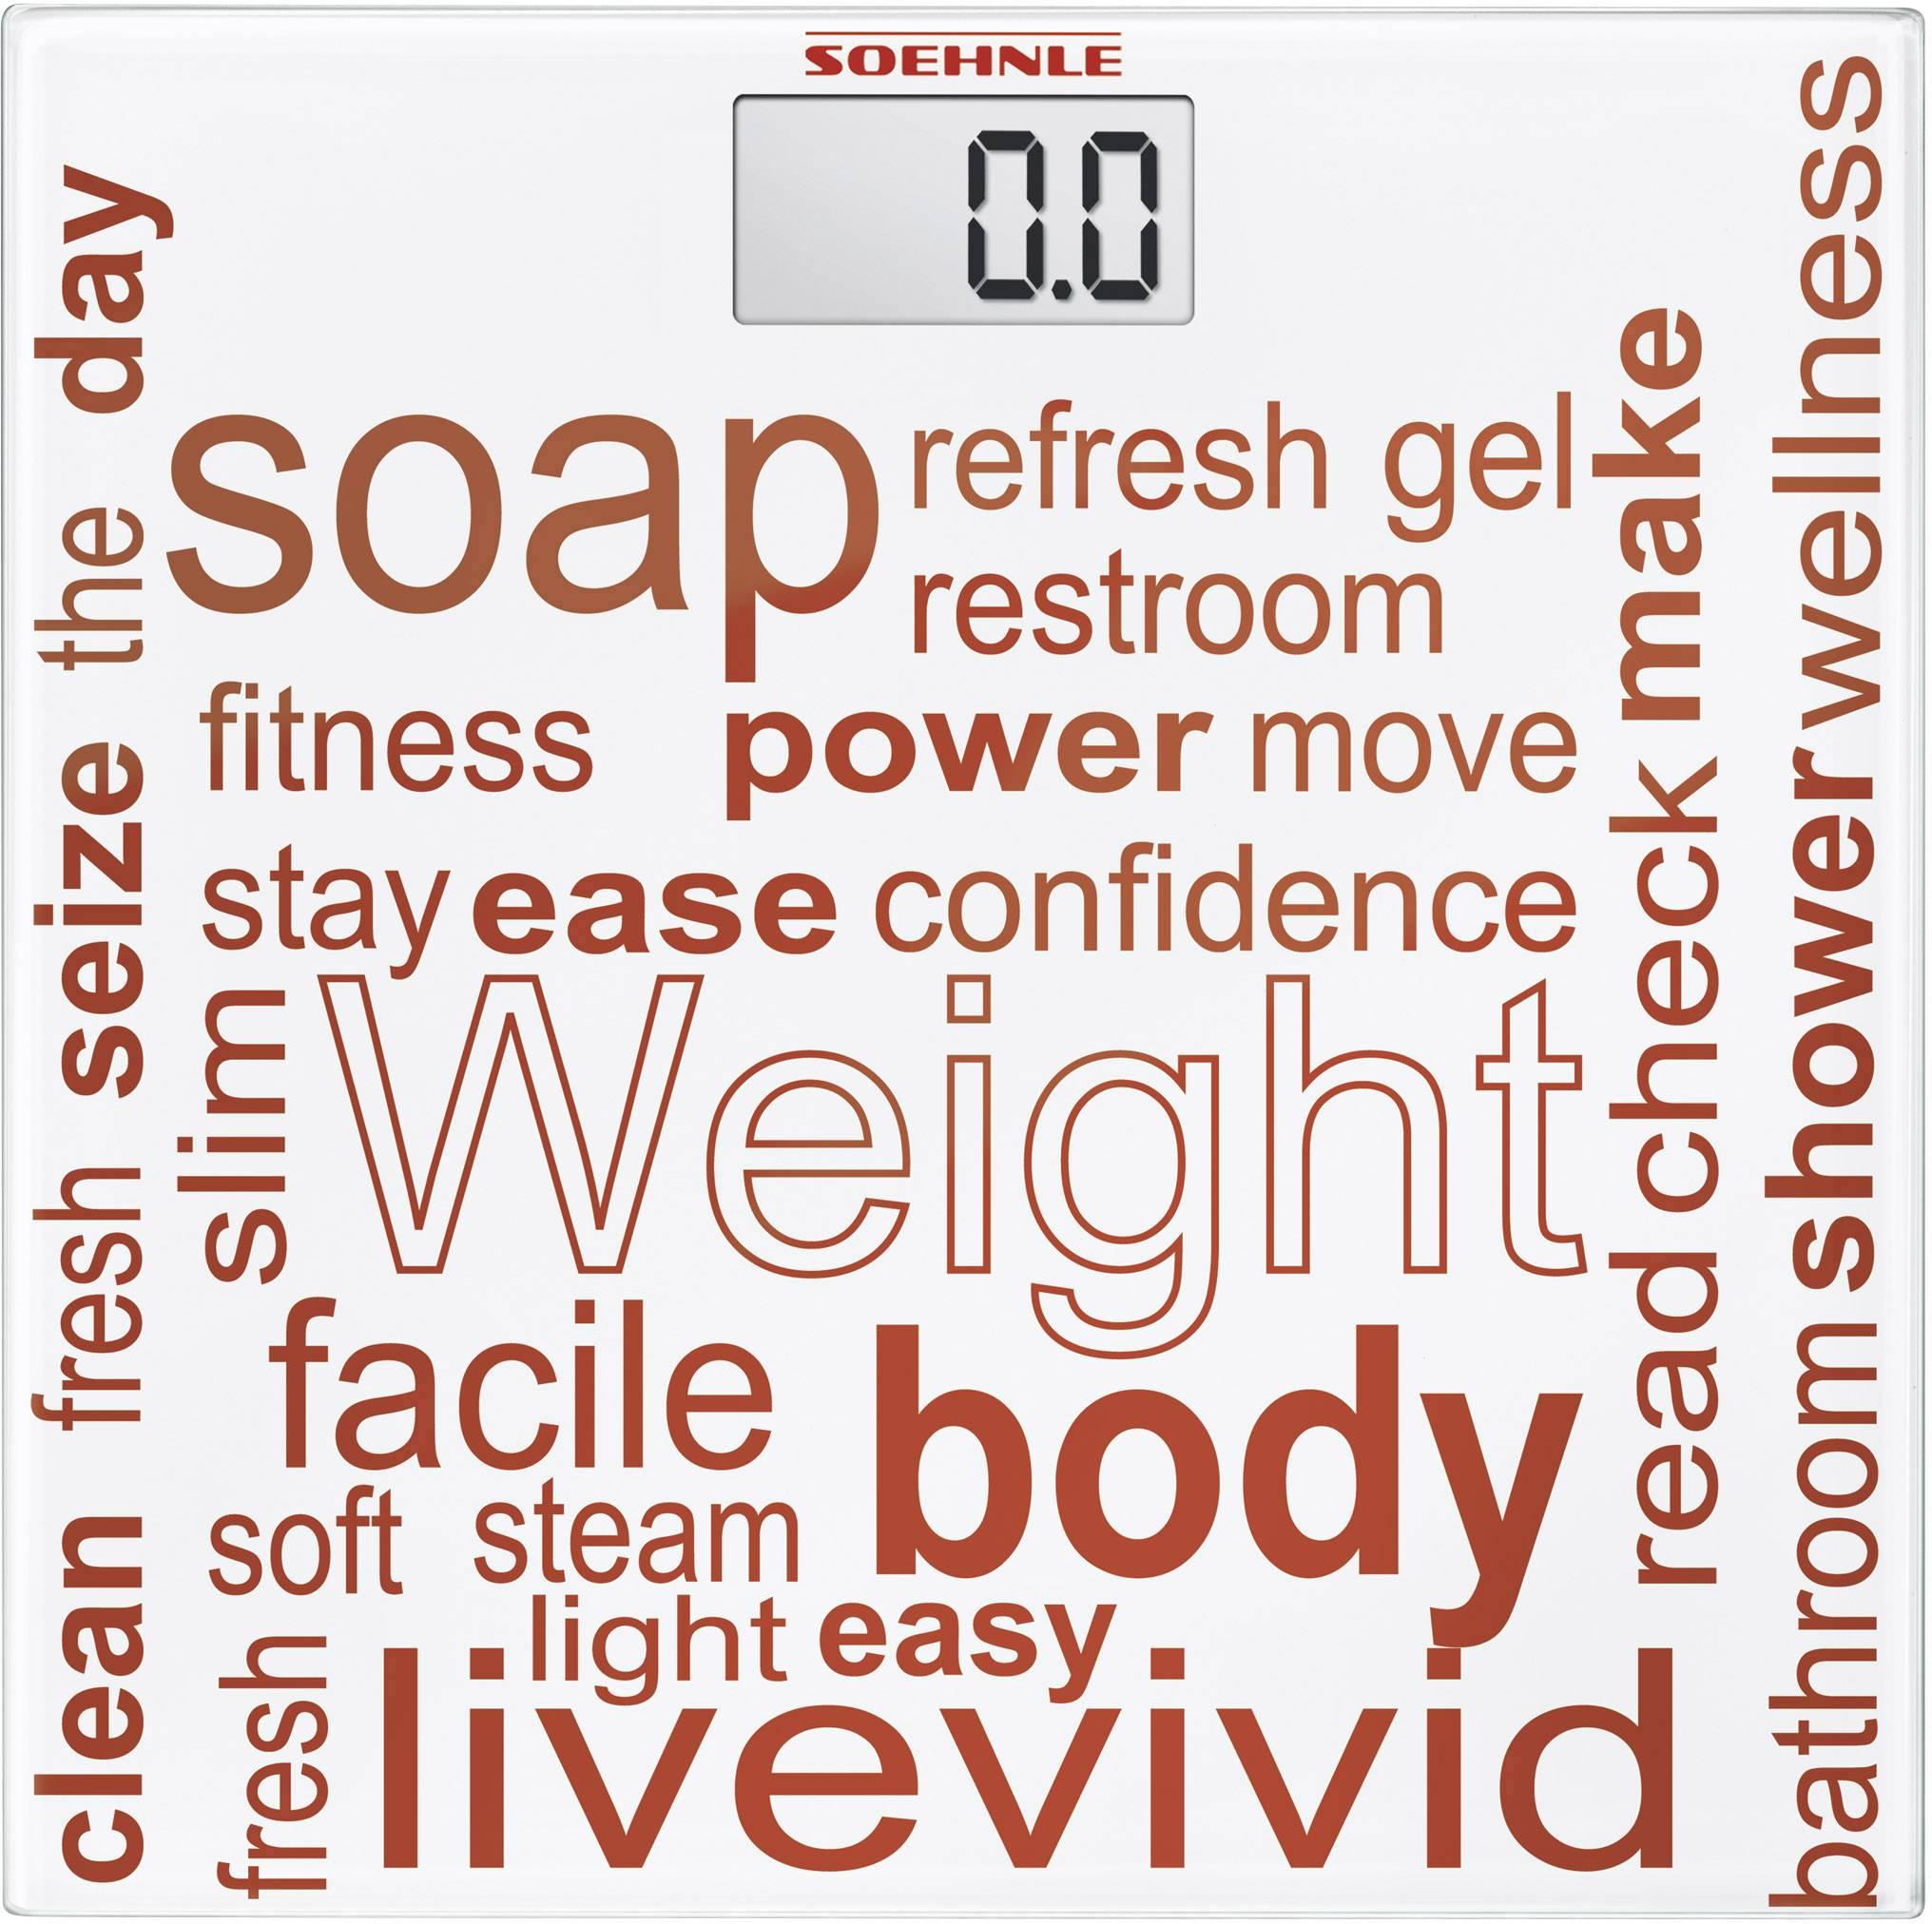 Digitální osobní váha Soehnle Jolly digital, max. váživost 180 kg, bílá, tmavě červená